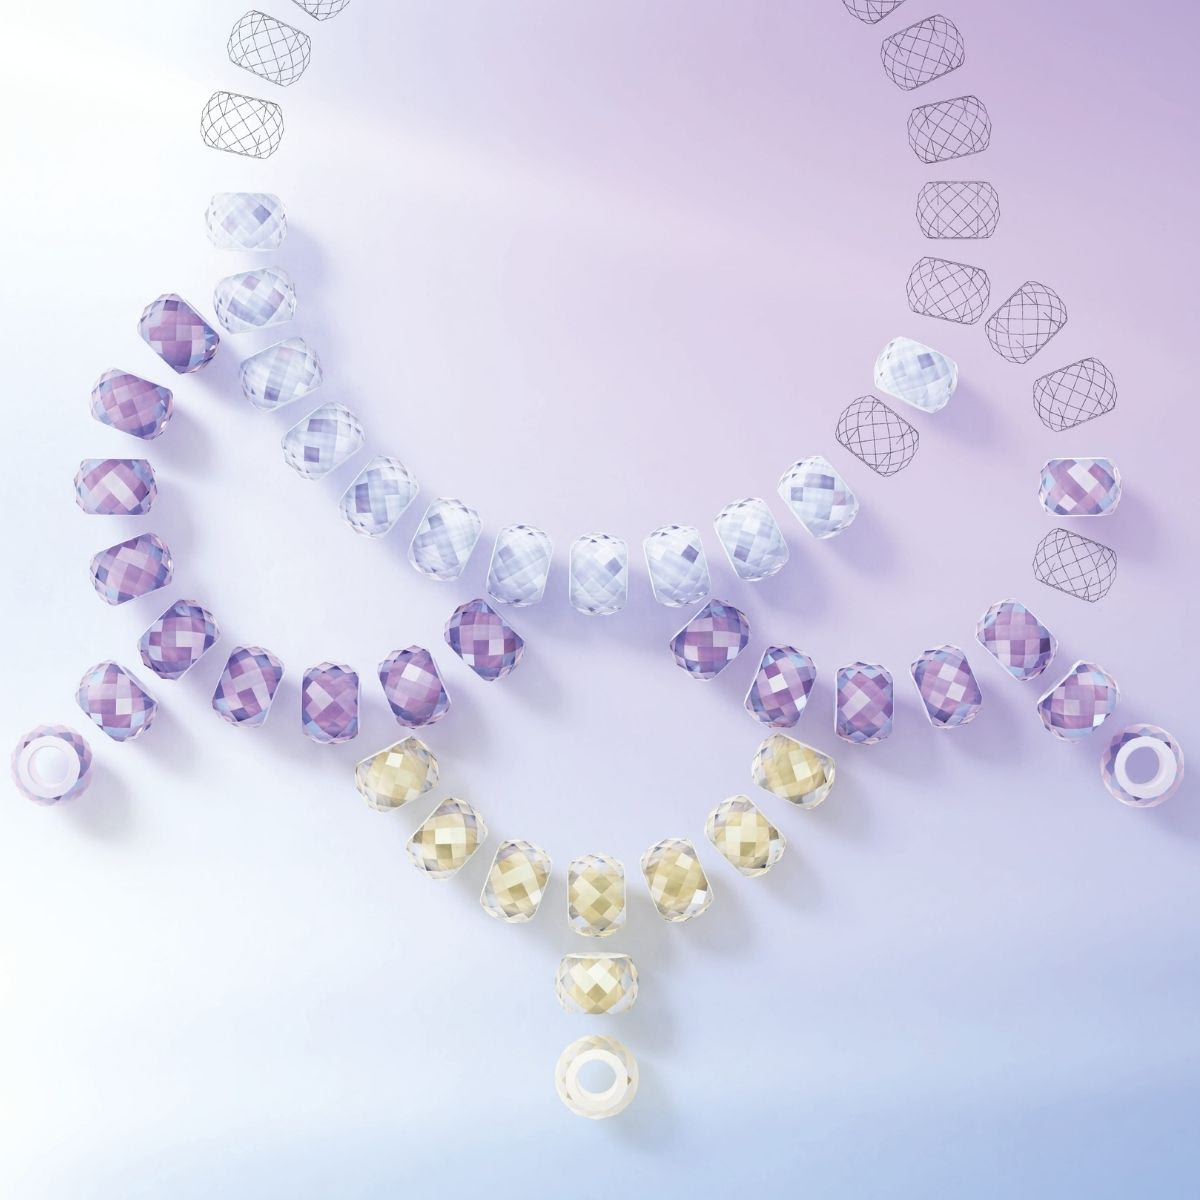 Swarovski 5043 XXL Hole Beads